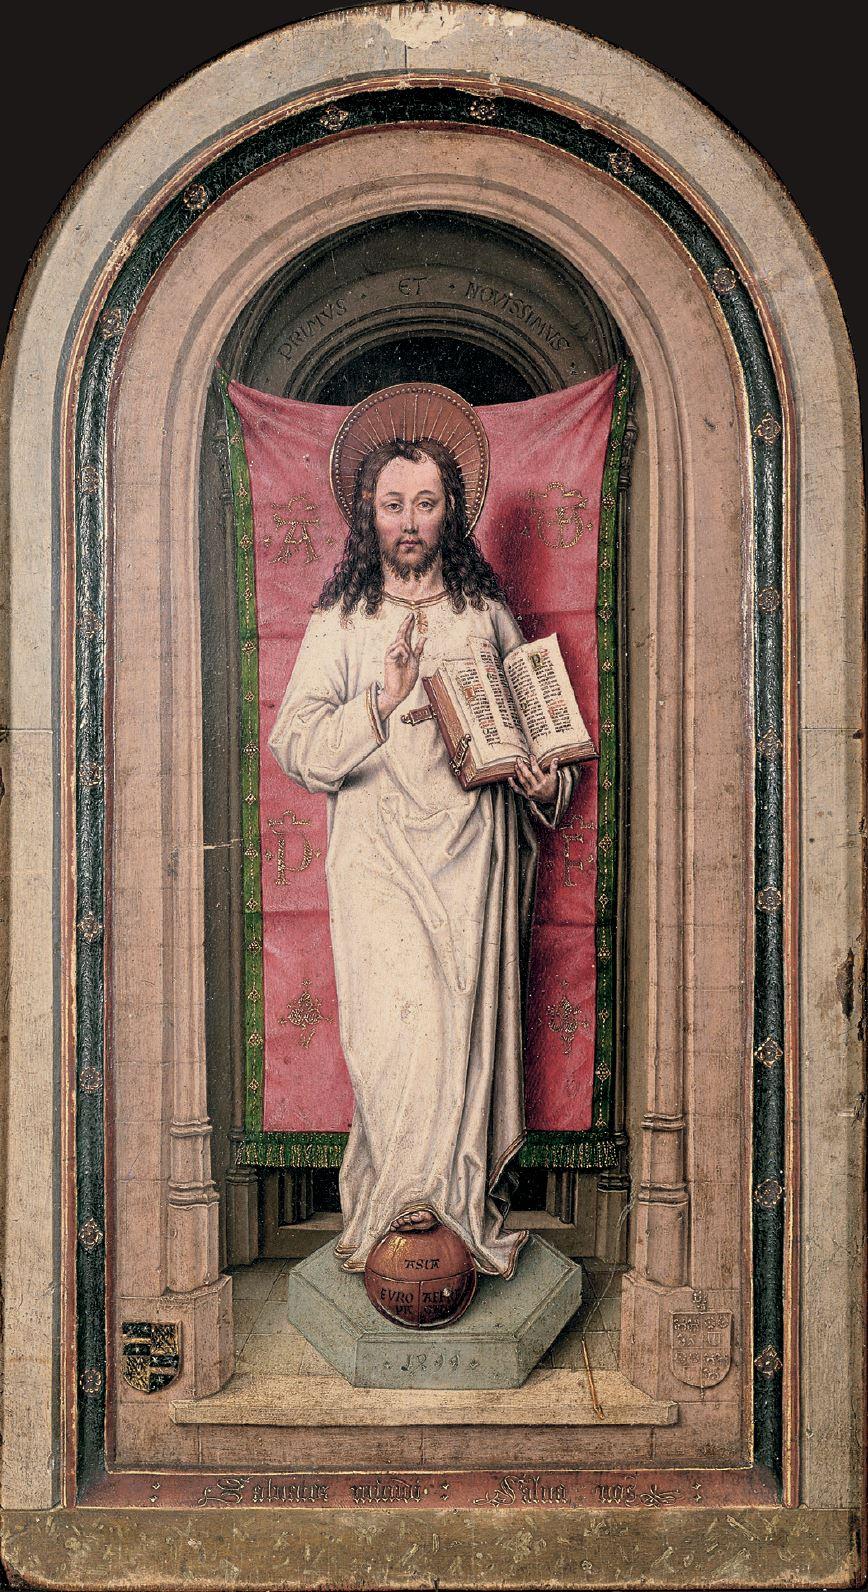 Diptych_Master_of_1499 Abbot Christiaan de Hondt Salvator Mundi , Koninklijk Museum voor Schone Kunsten, Antwerp left